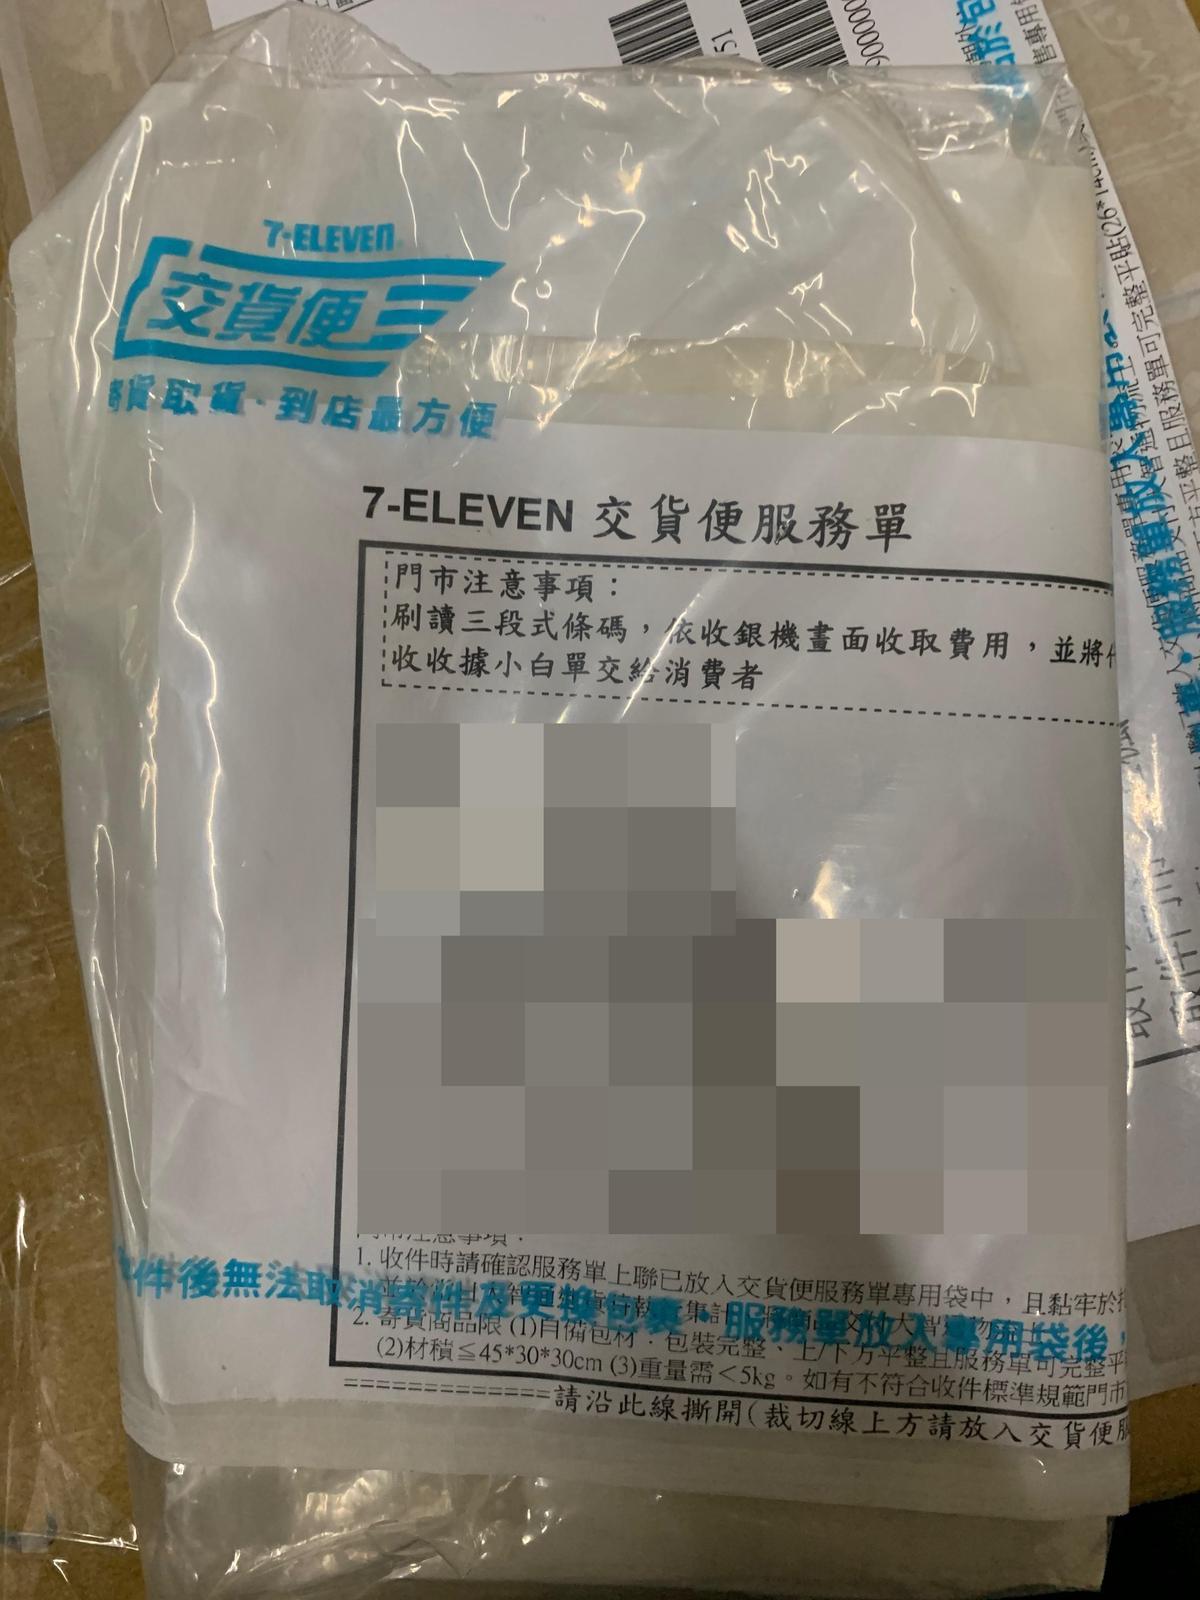 被害人寄送的存摺和提款卡。(刑事局提供)